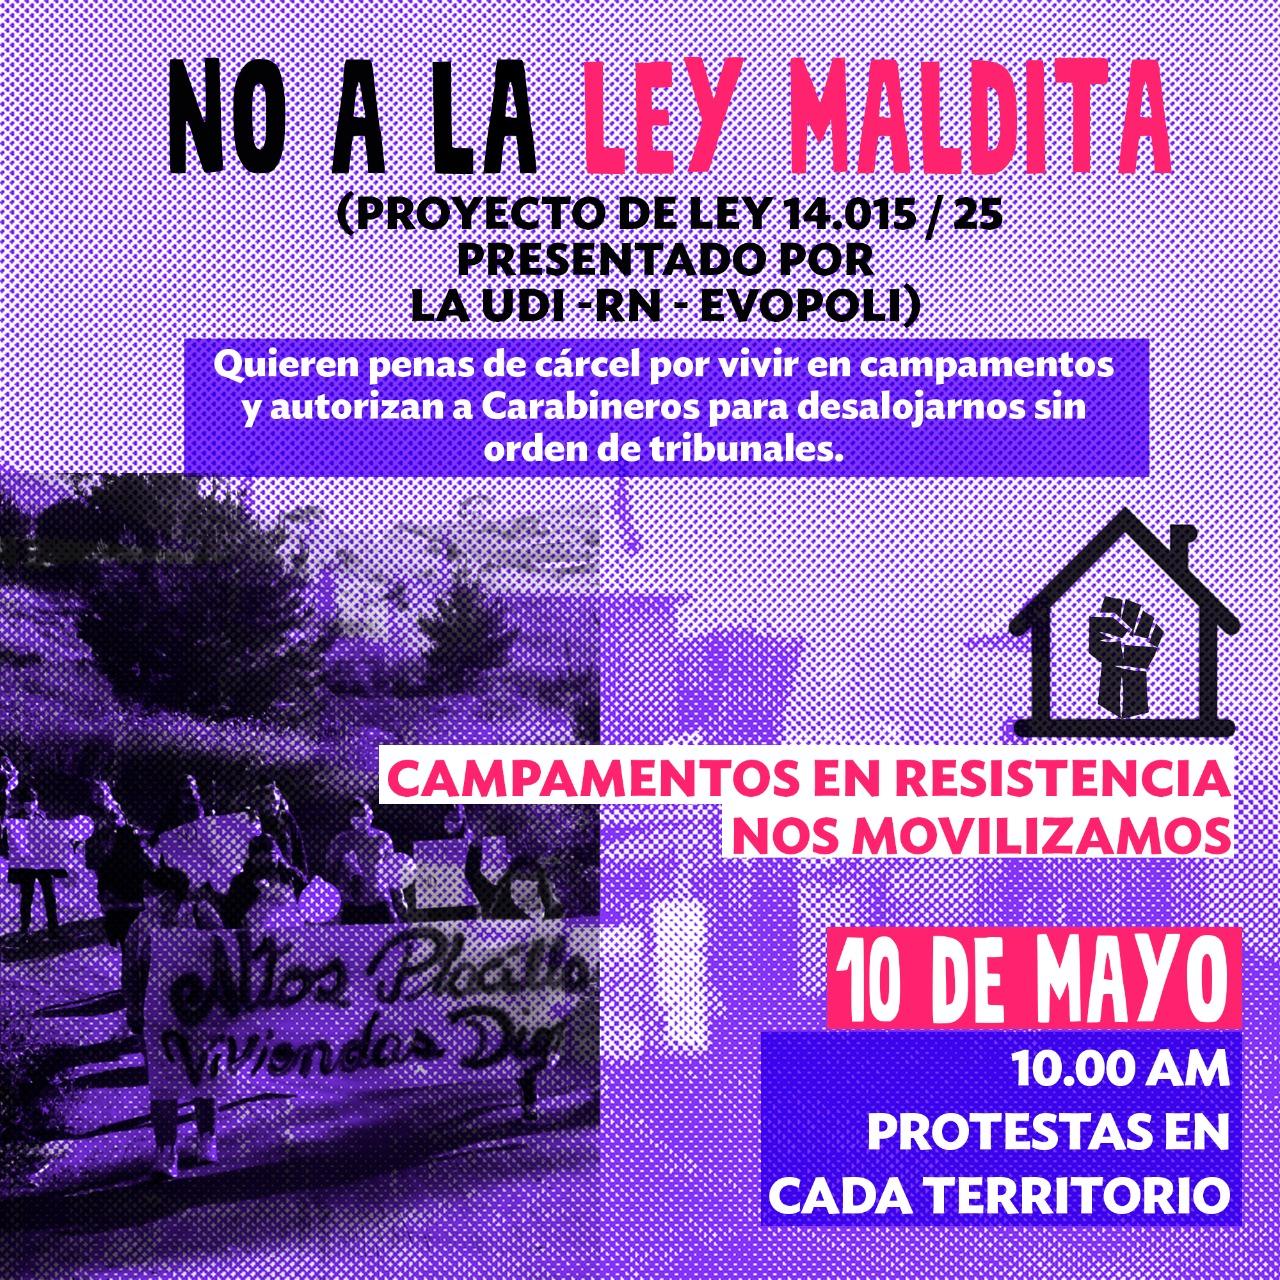 Campamentos en resistencia se movilizarán en rechazo a ley promovida por UDI, RN y Evópoli que criminaliza tomas de terreno, ocupaciones de inmuebles y recuperaciones de tierra